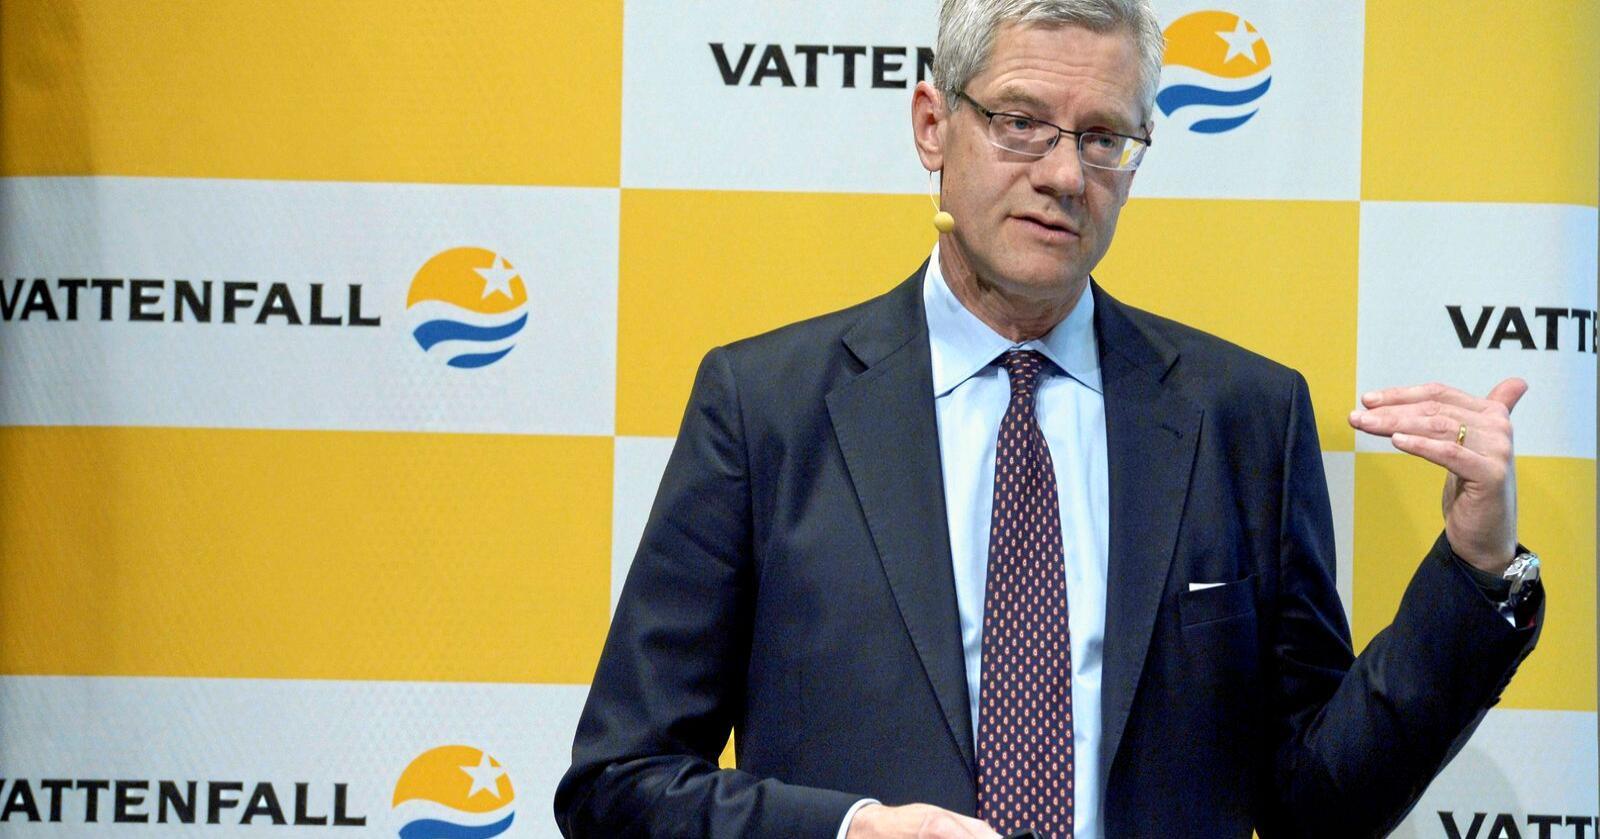 Håp: Svenske Vattenfall, her ved Magnus Hall, VD och koncernchef, har aldri vært nærmere en konsesjon for å bygge den private eksportkabelen NorthConnect. Foto: Janerik Henriksson / TT / NTB scanpix